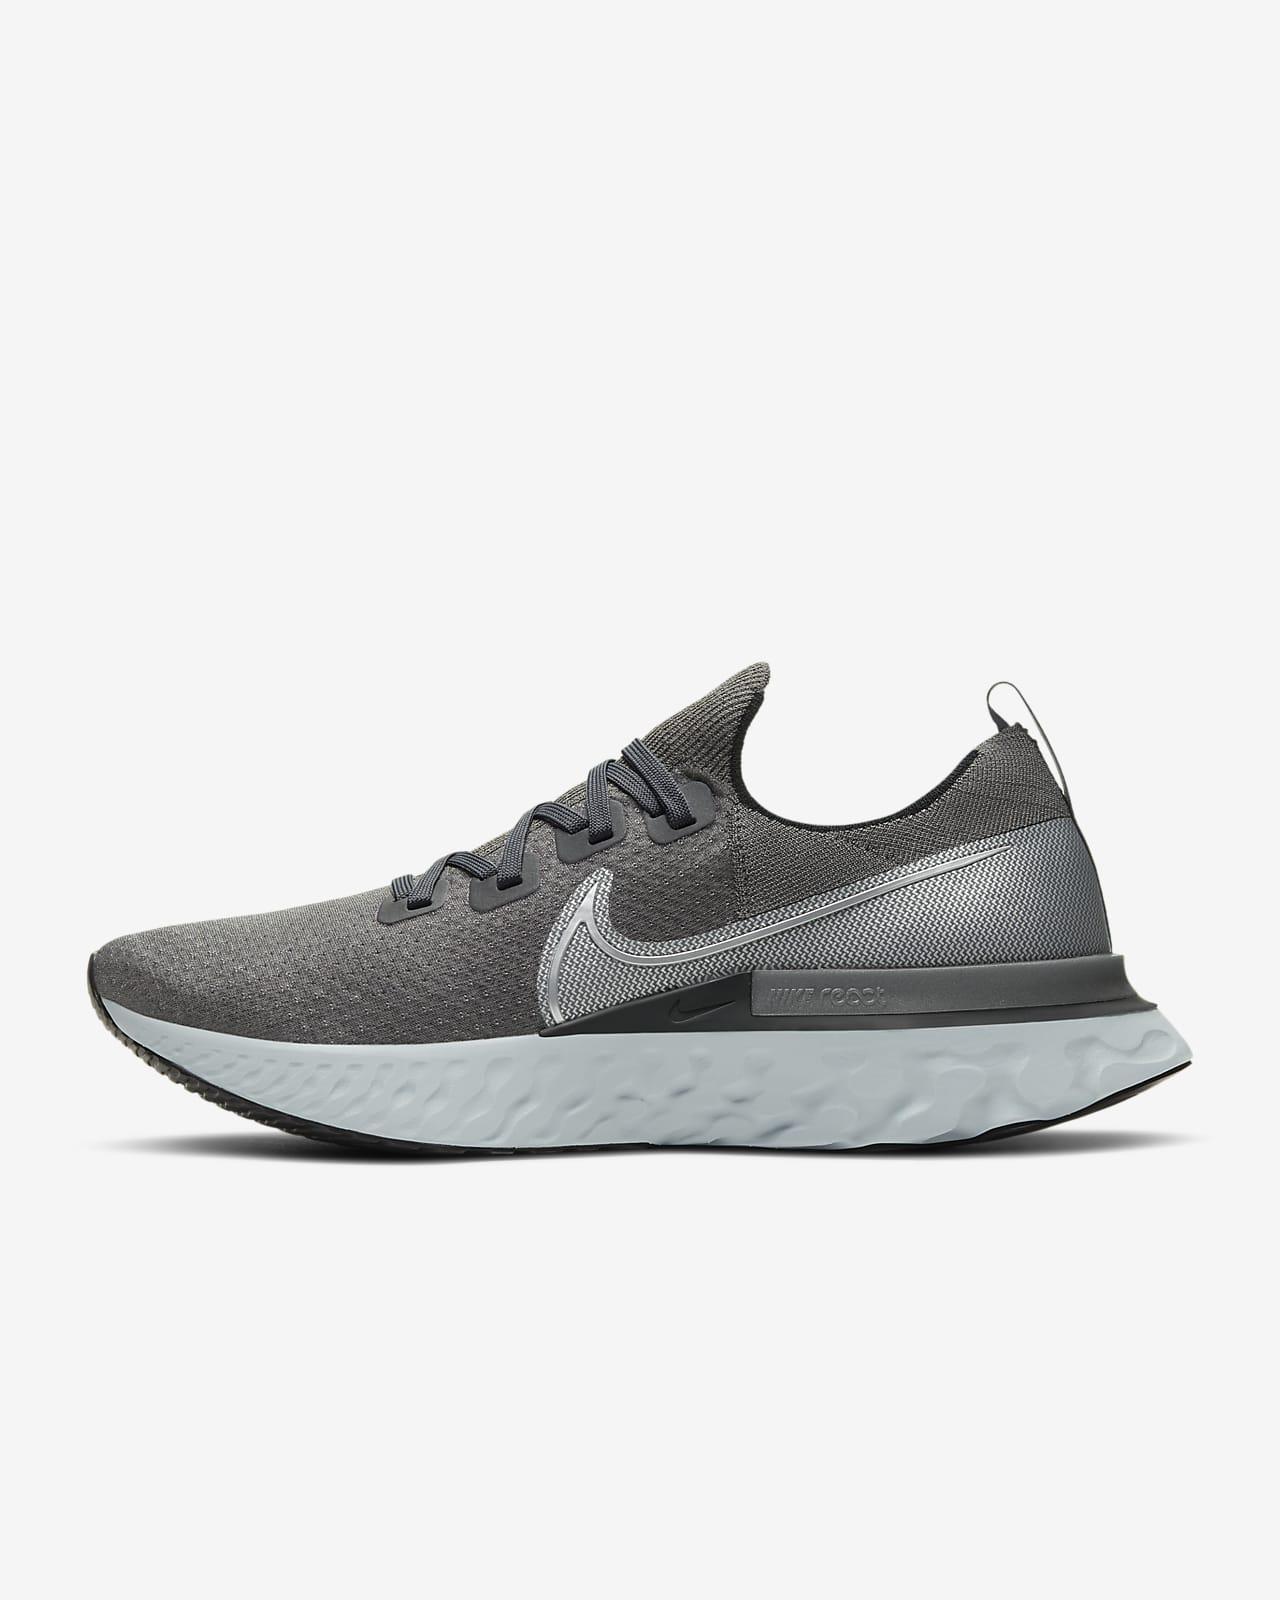 Calzado de running para hombre Nike React Infinity Run Flyknit